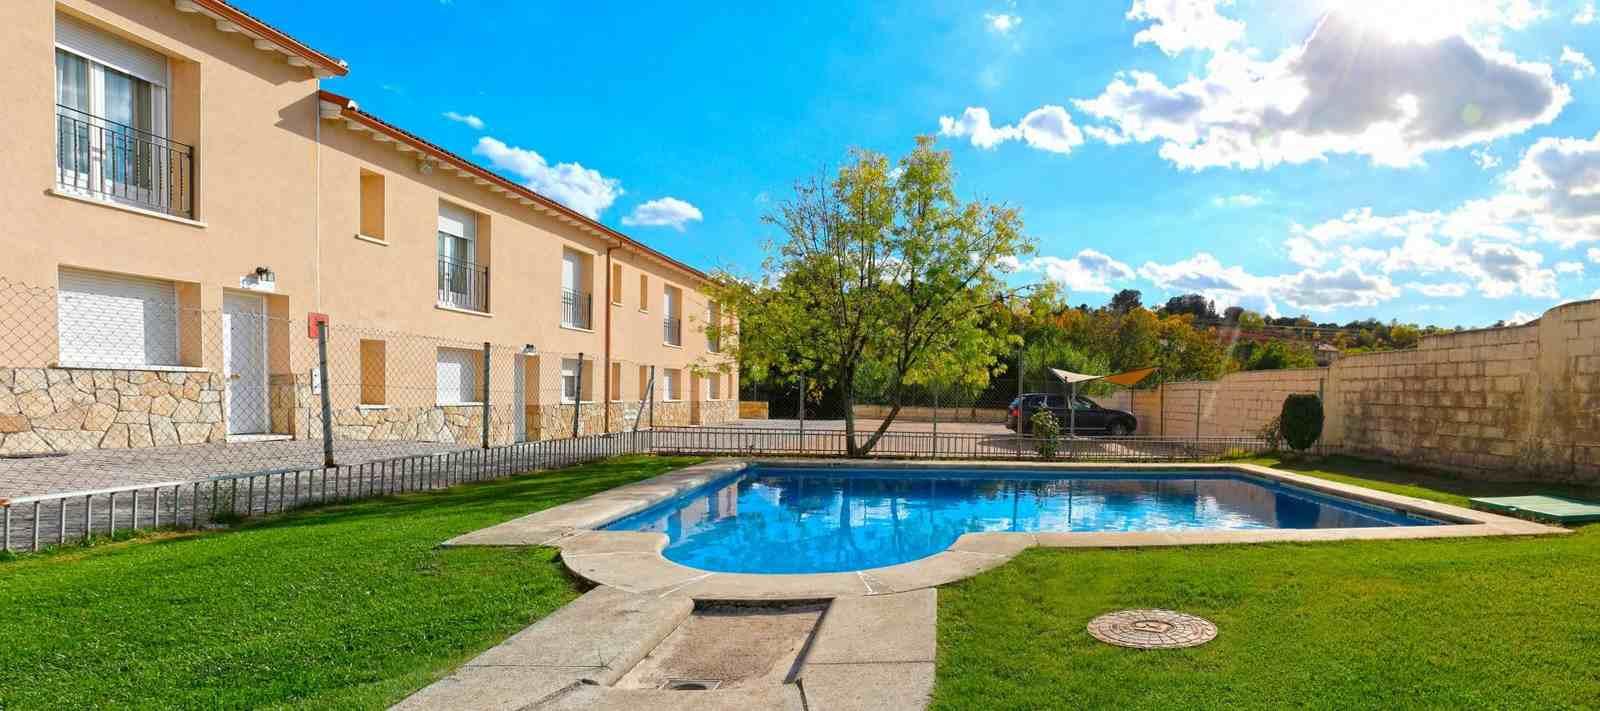 Alquiler vacaciones en Burgohondo, Ávila